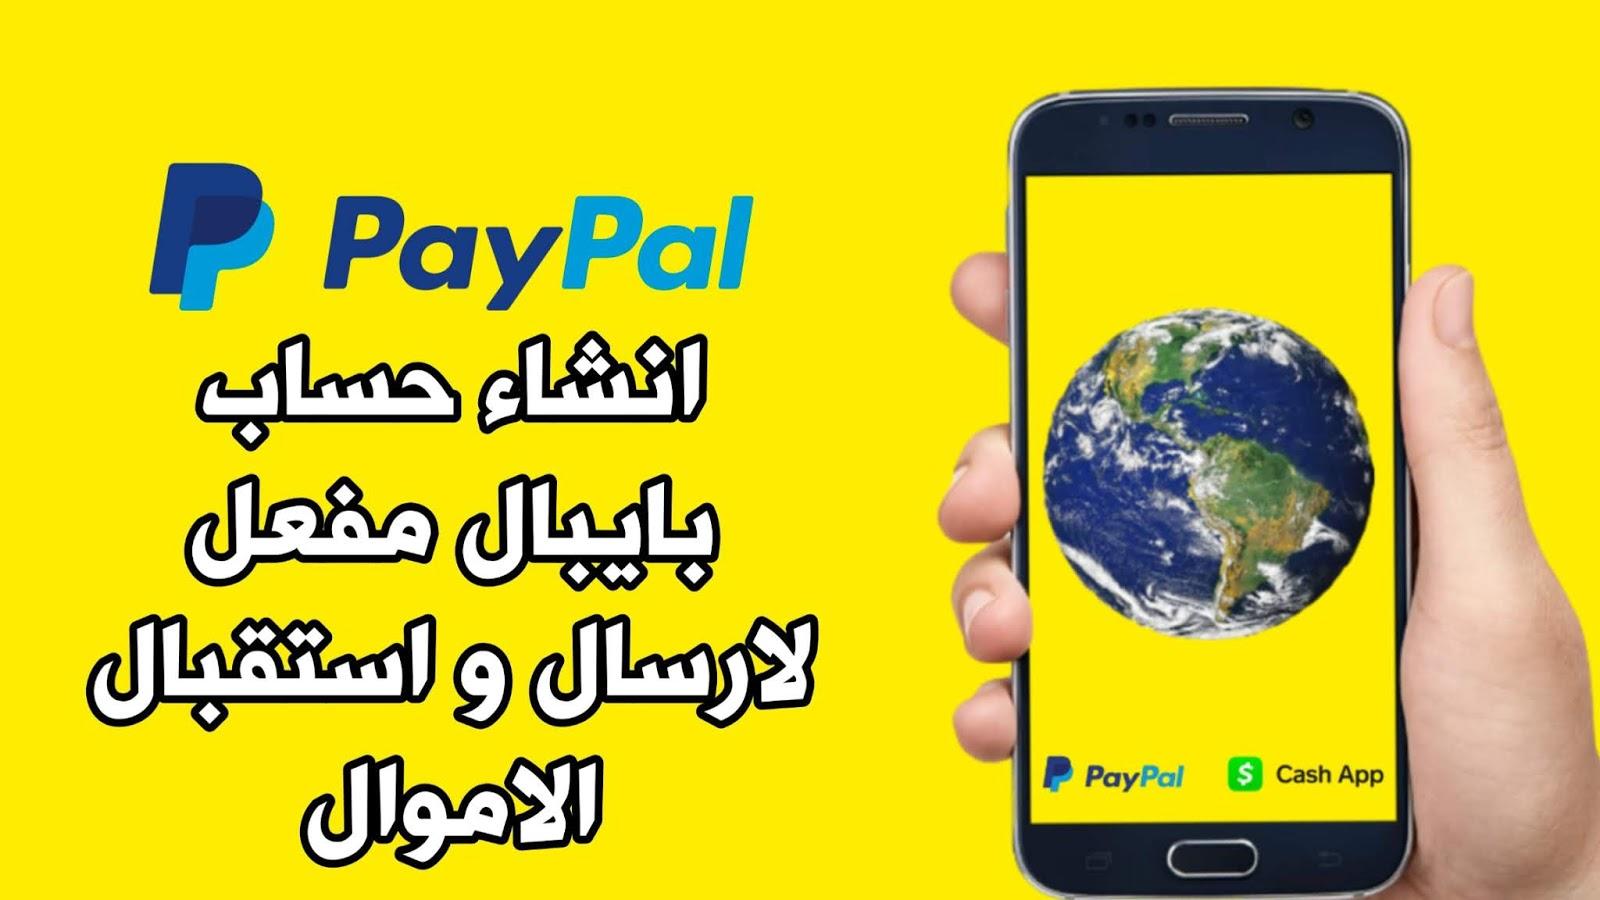 طريقه انشاء حساب بايبال مفعل مجانا لارسال و استقبال الاموال